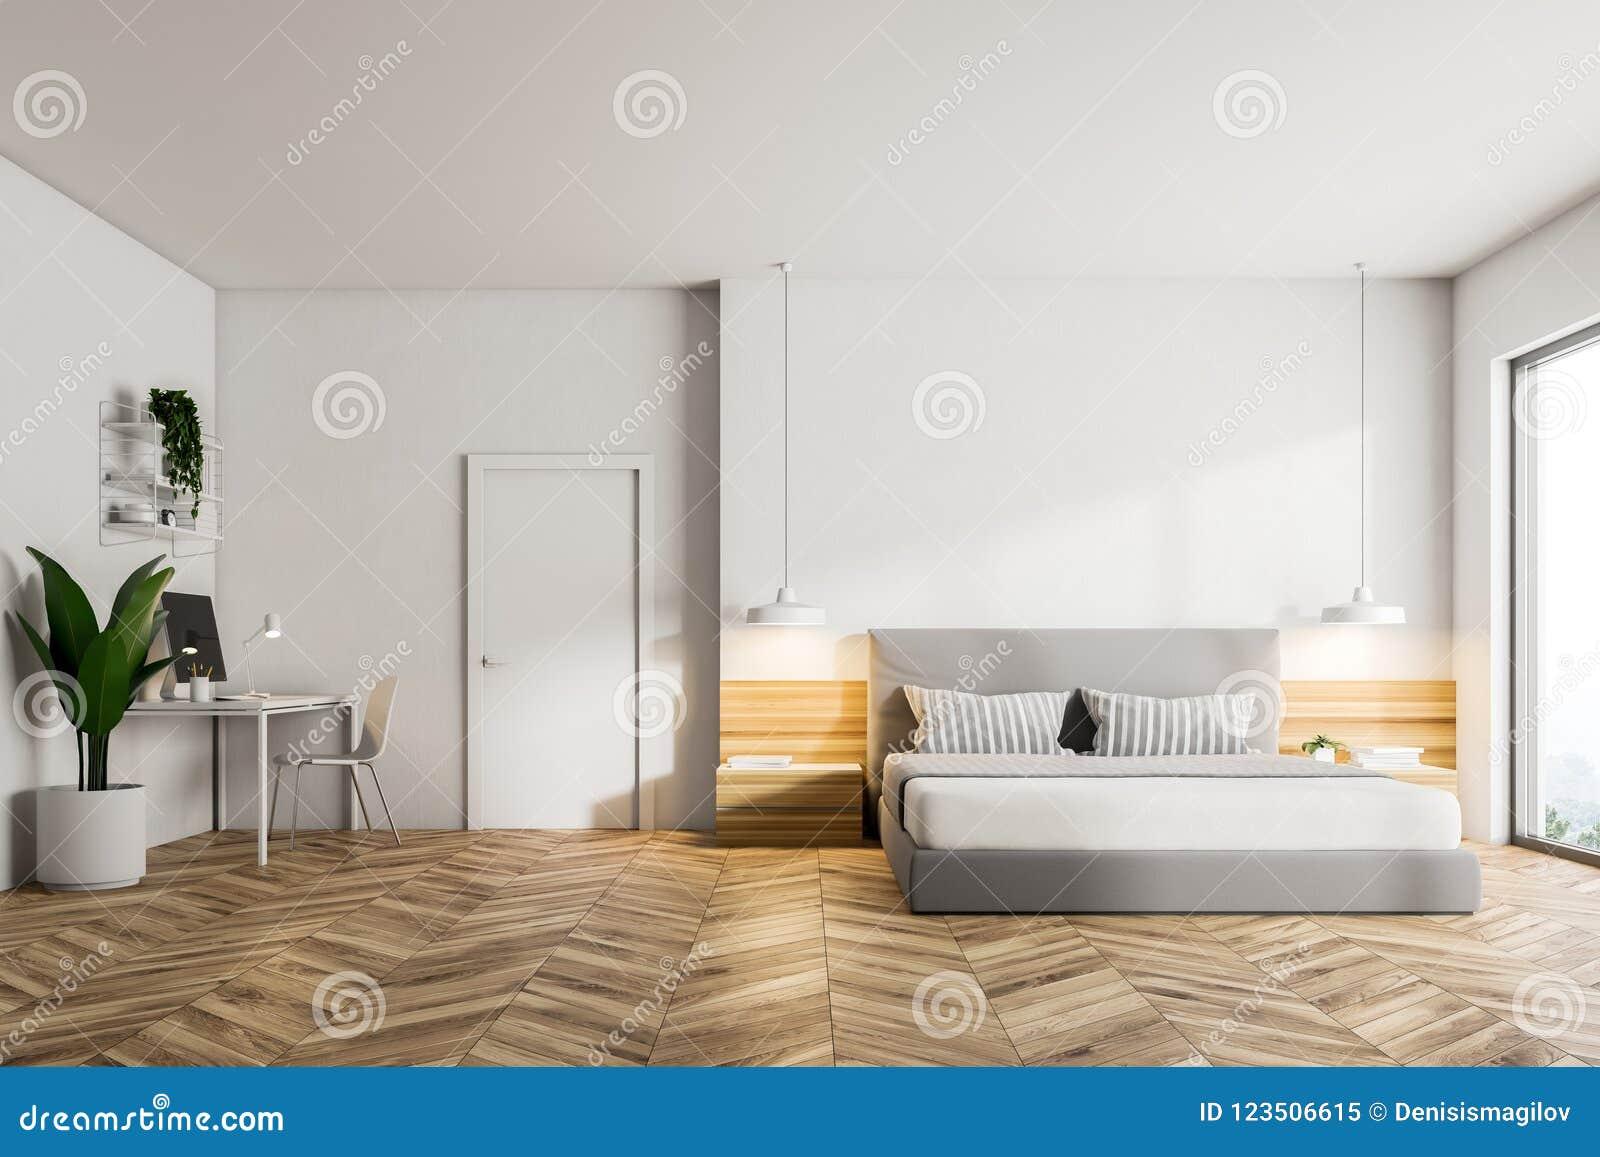 Wooden Floor Bedroom Interior, Front View Stock Illustration